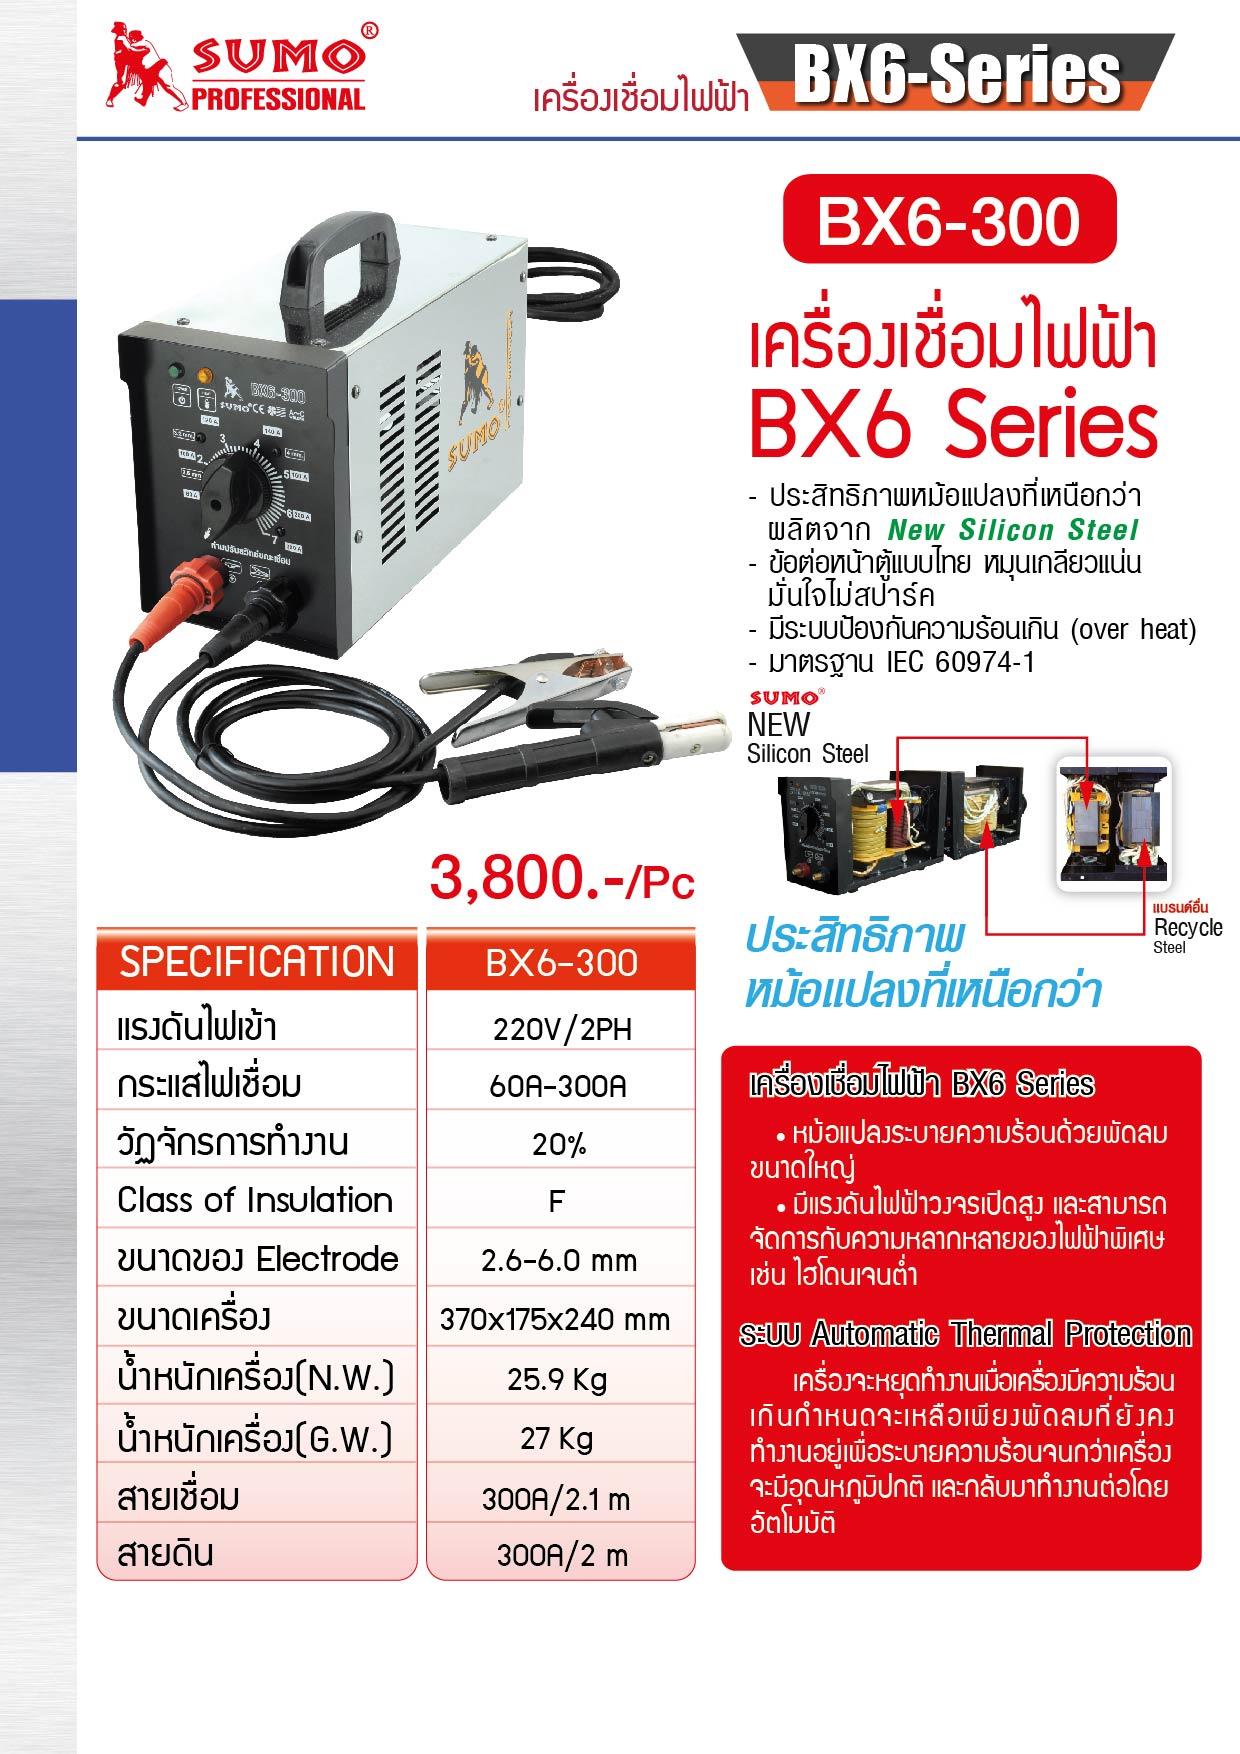 เครื่องเชื่อมไฟฟ้า - Welding Machine BX1-250C Series